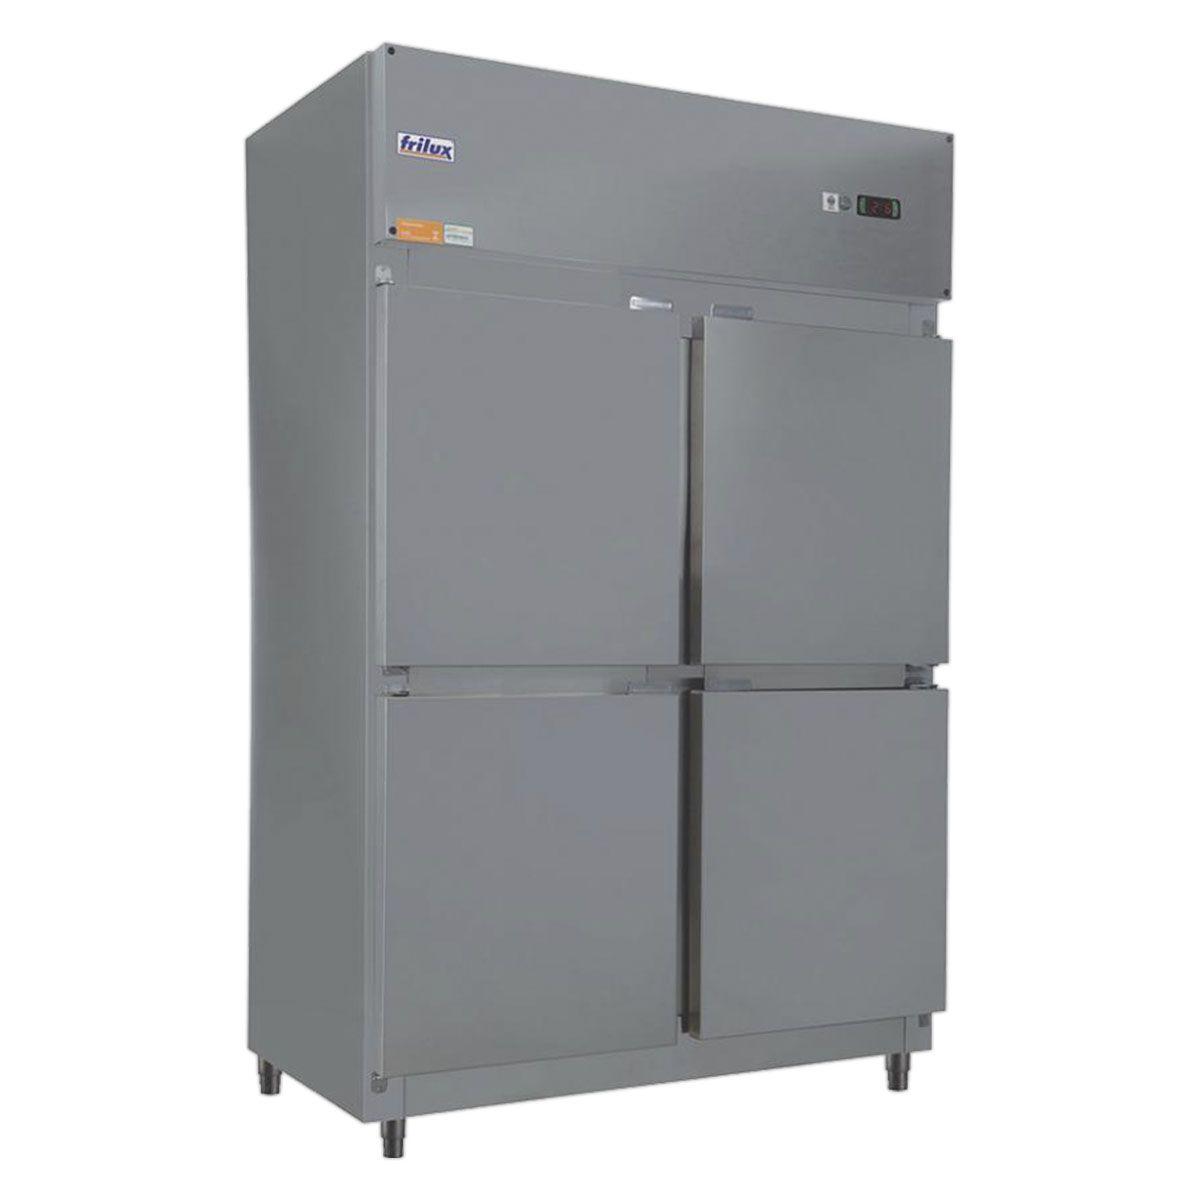 Geladeira Para Congelados 900 Litros 4 Portas Rf066 - Frilux